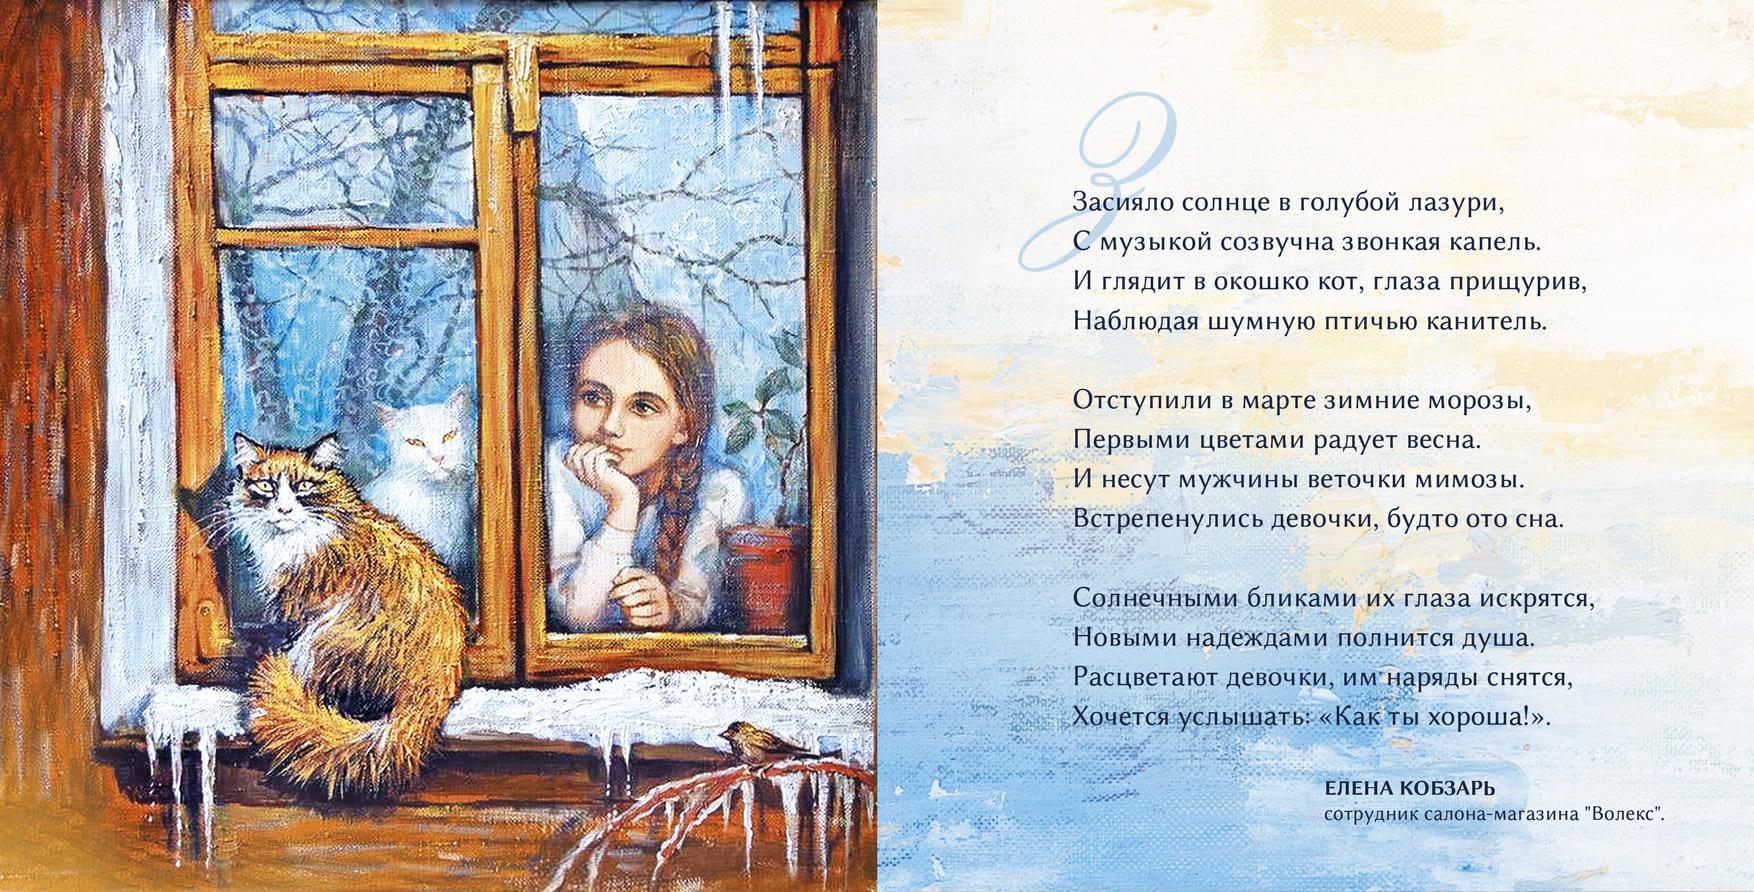 gallery_1_gordost-voleksa-sotrudniki-4